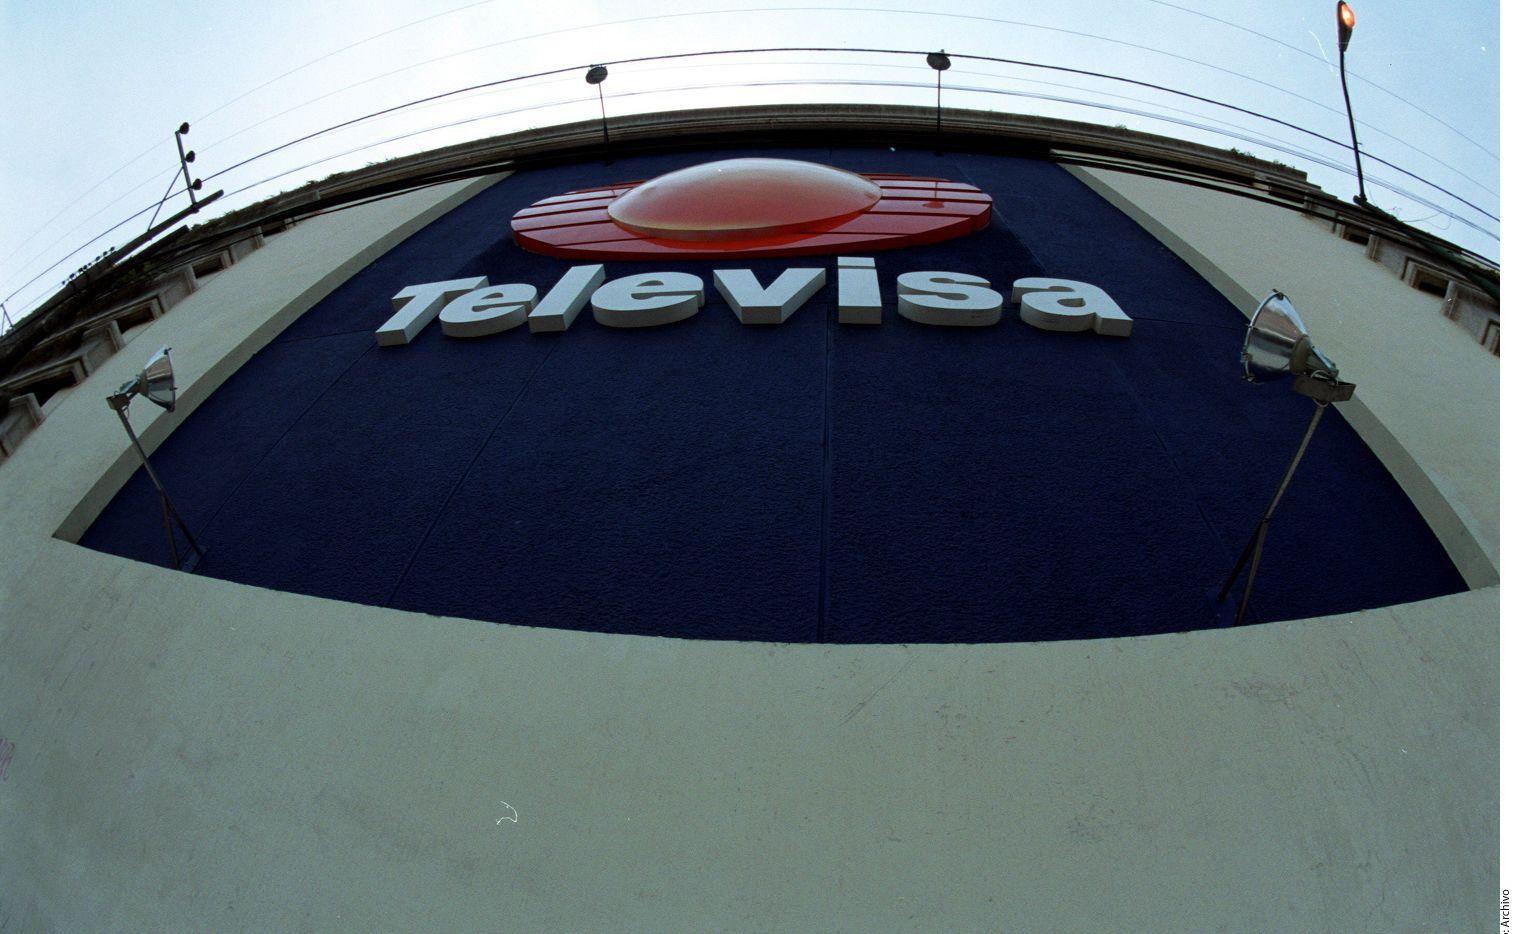 Televisa habría conspirado en 2013 con el gigante de medios brasileño Globo y la firma argentina Torneos y Competencias para pagar un total de 15 millones de dólares en sobornos al ex ejecutivo de la FIFA, Julio Grondona por los derechos de la Copa Mundial 2026 y 2030.